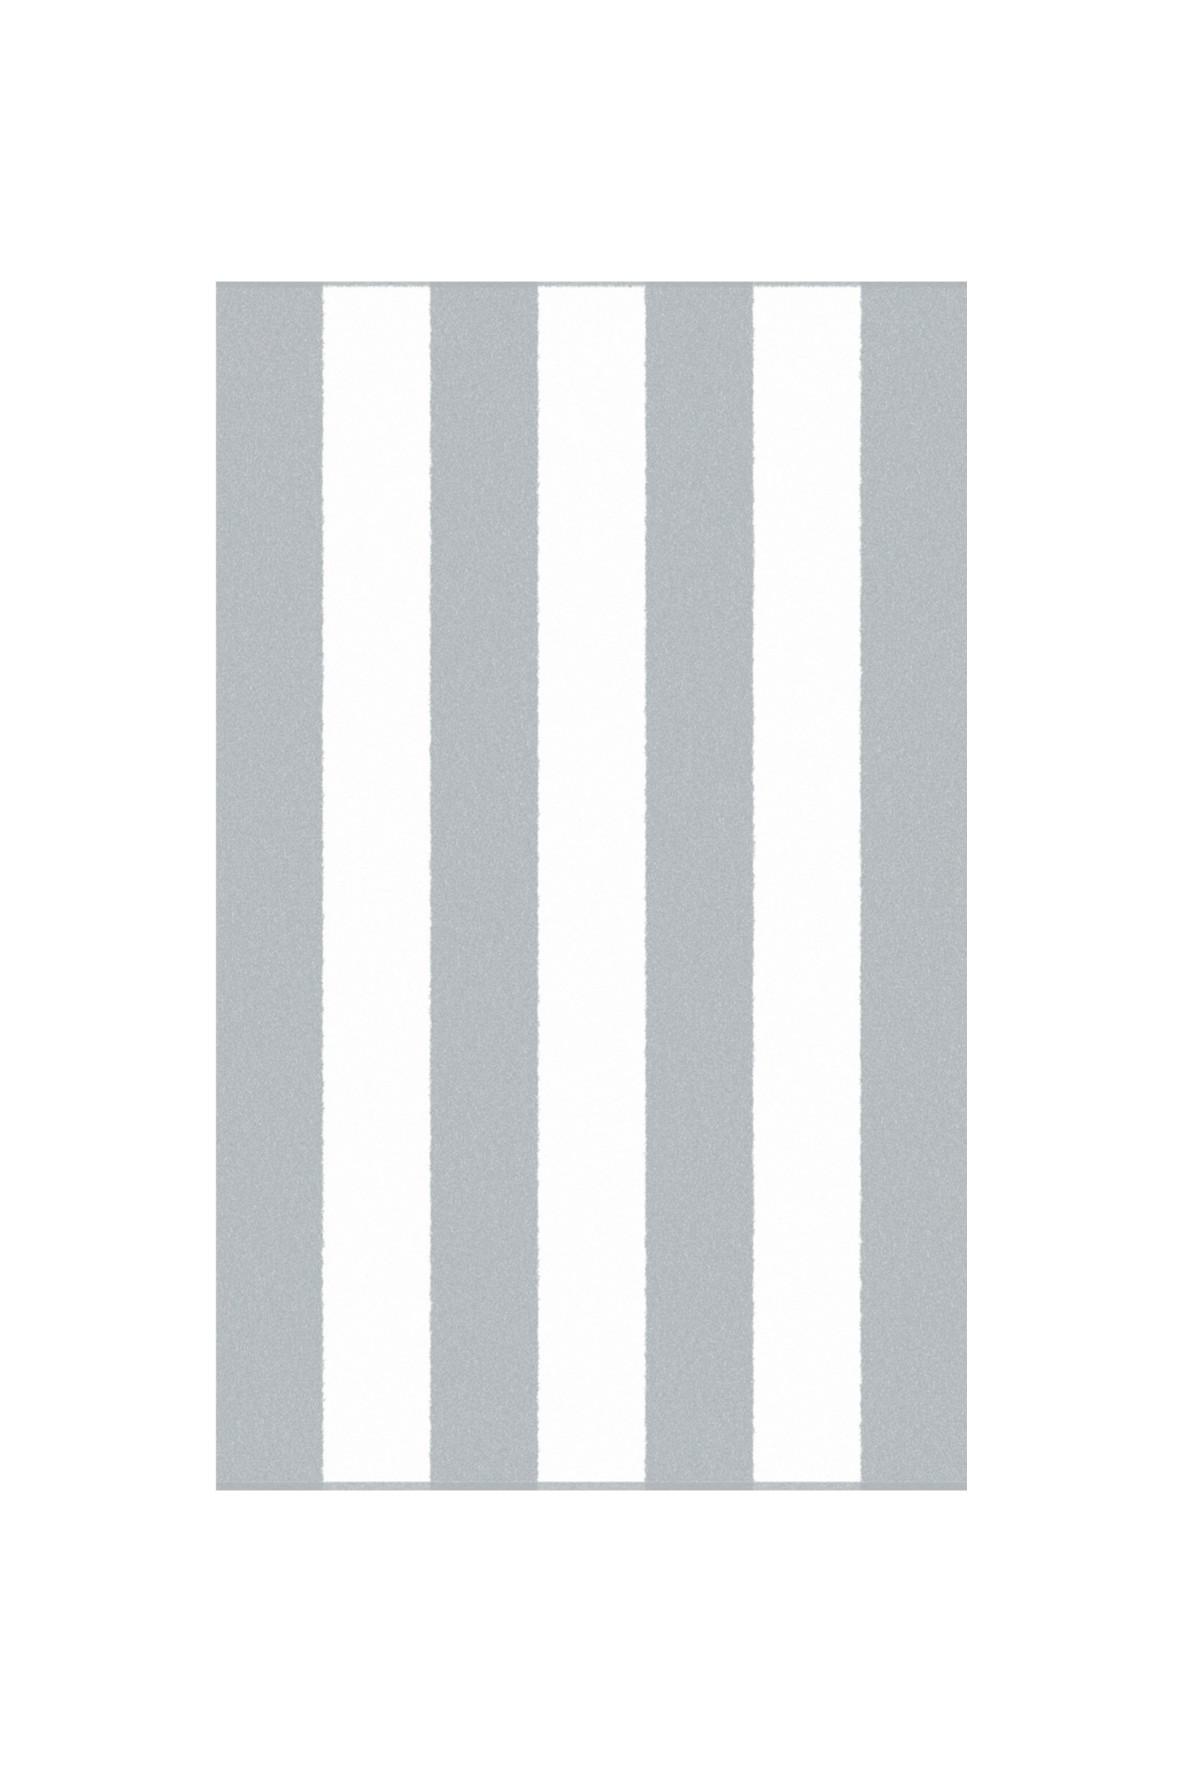 Ręcznik Neon z bawełny egipskiej szary 100x160cm